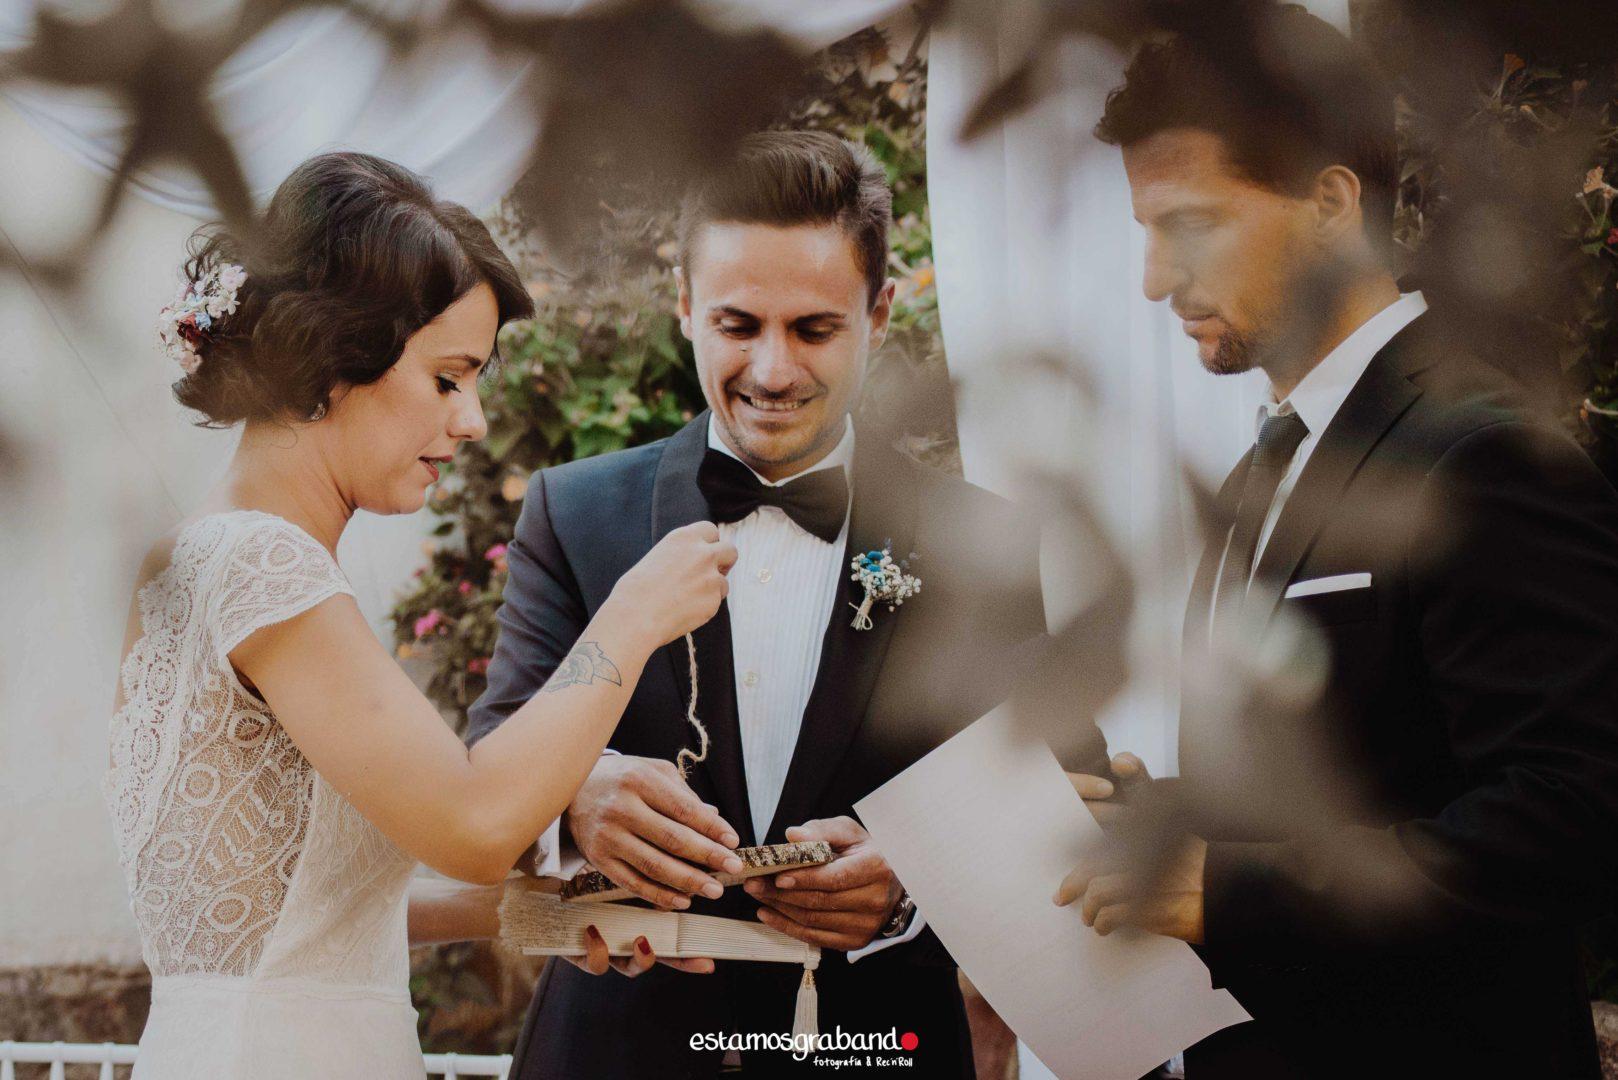 J_C-70-1618x1080 Julián & Cecilia _ Fotografía  de Boda (Ciudad Real) - video boda cadiz